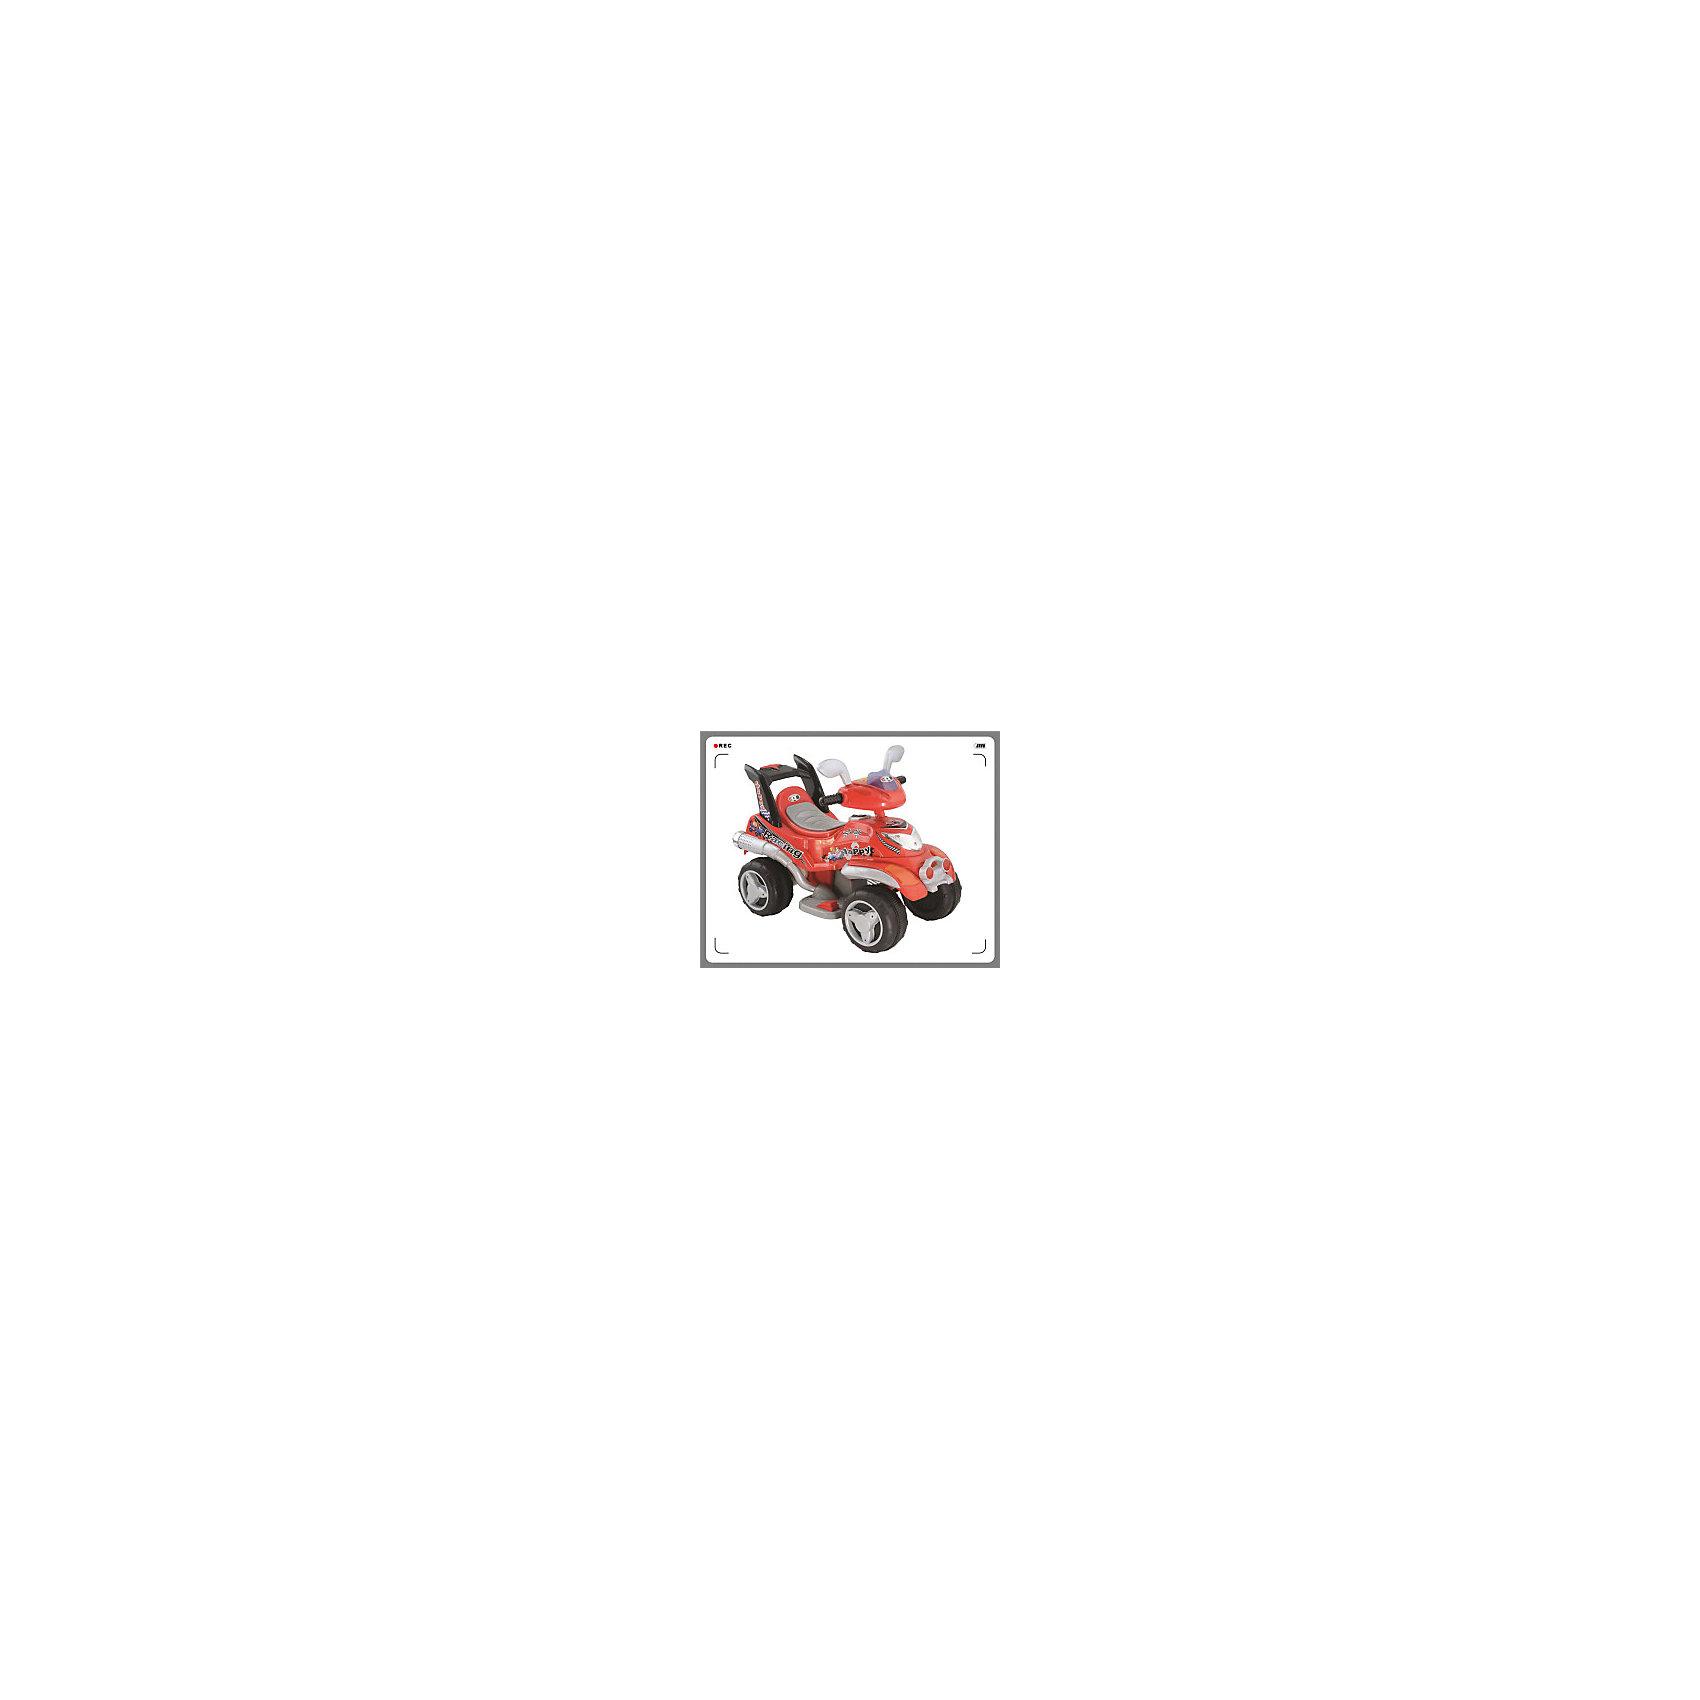 Квадроцикл на аккумуляторе, BugatiКвадроцикл Bugati на аккумуляторах - аккумулятор 6v4.5ah - мотор 6v15w - скорость 2-3 км/час - световые и звуковые эффекты - движение вперёд и назад - боковые зеркала - габариты 81х44х60 см - максимальная нагрузка 25 кг - вес-нетто: 7,1 кг. Цвет: красный.<br><br>Ширина мм: 600<br>Глубина мм: 440<br>Высота мм: 810<br>Вес г: 9100<br>Возраст от месяцев: 36<br>Возраст до месяцев: 84<br>Пол: Унисекс<br>Возраст: Детский<br>SKU: 5530236